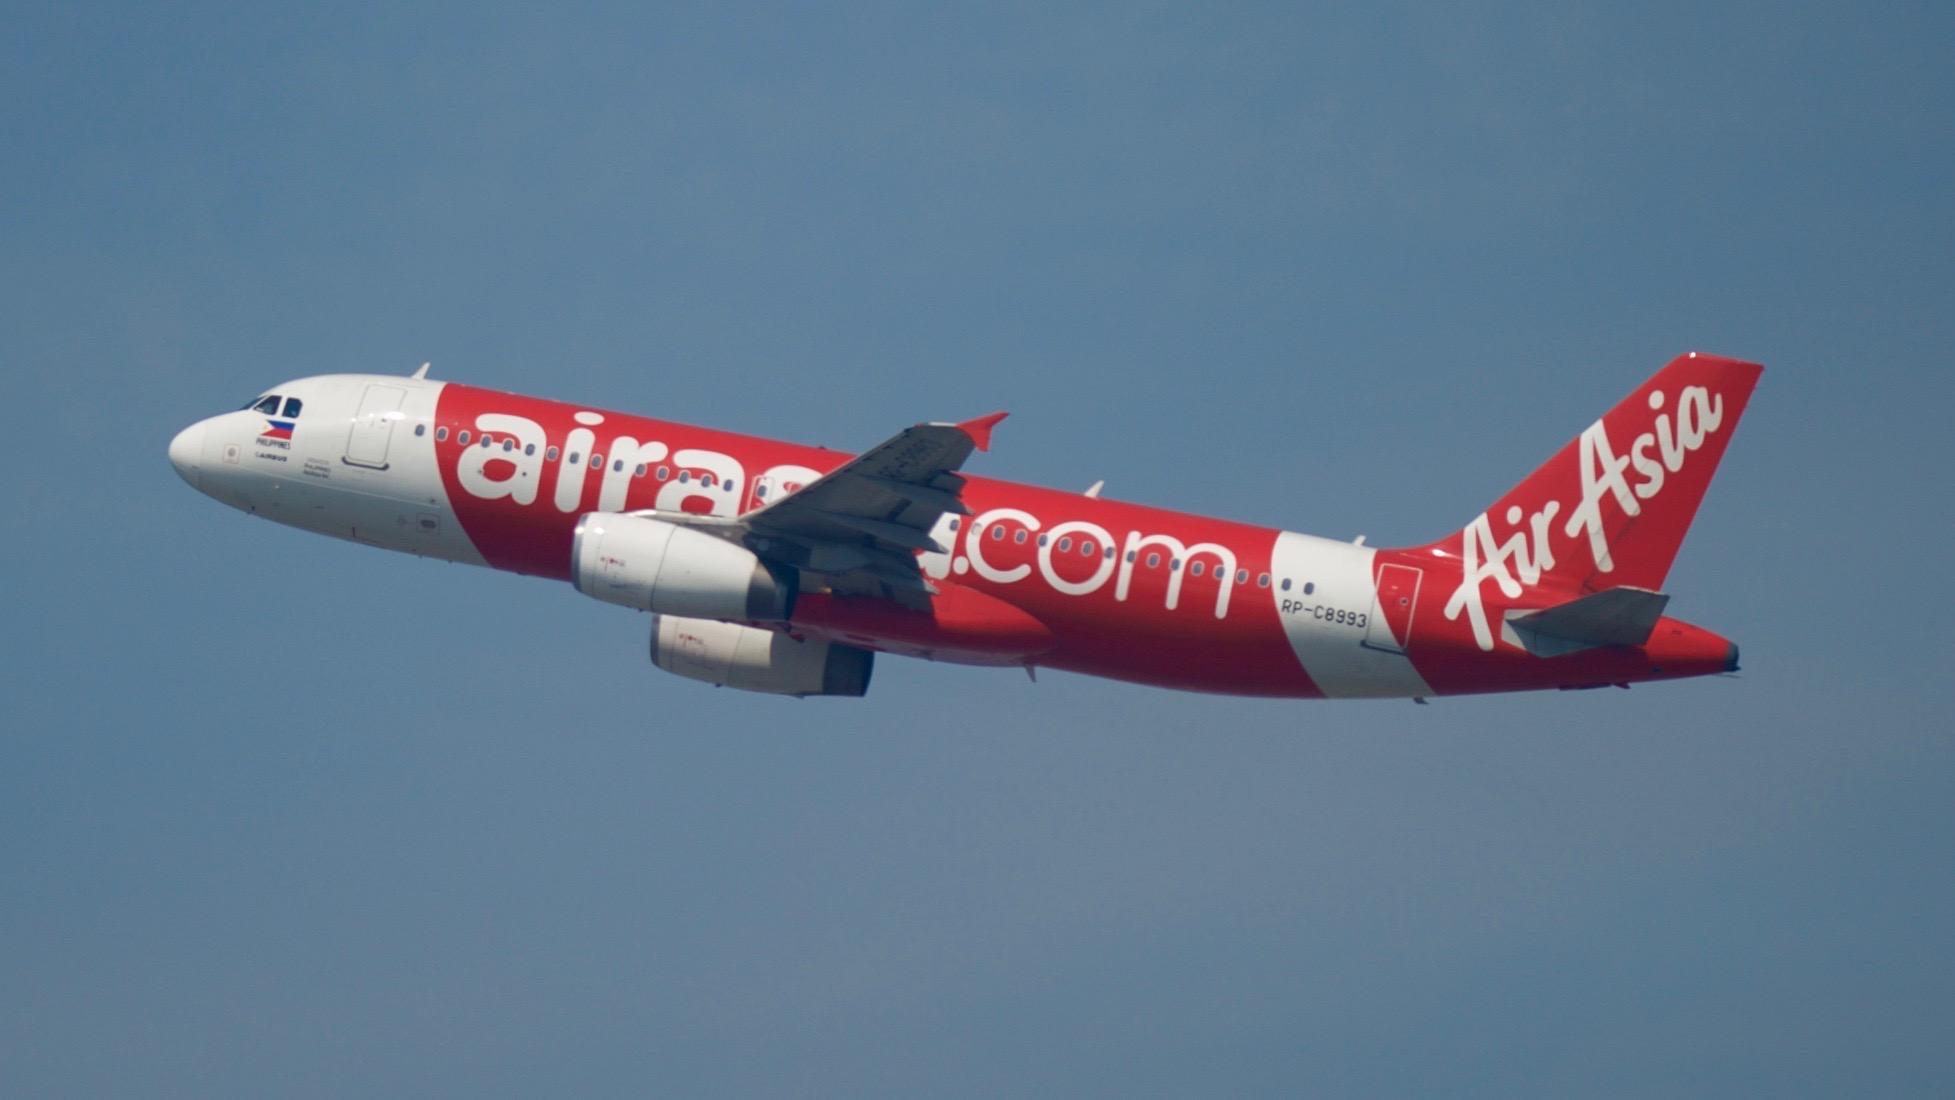 Air Asia  RP-C8993